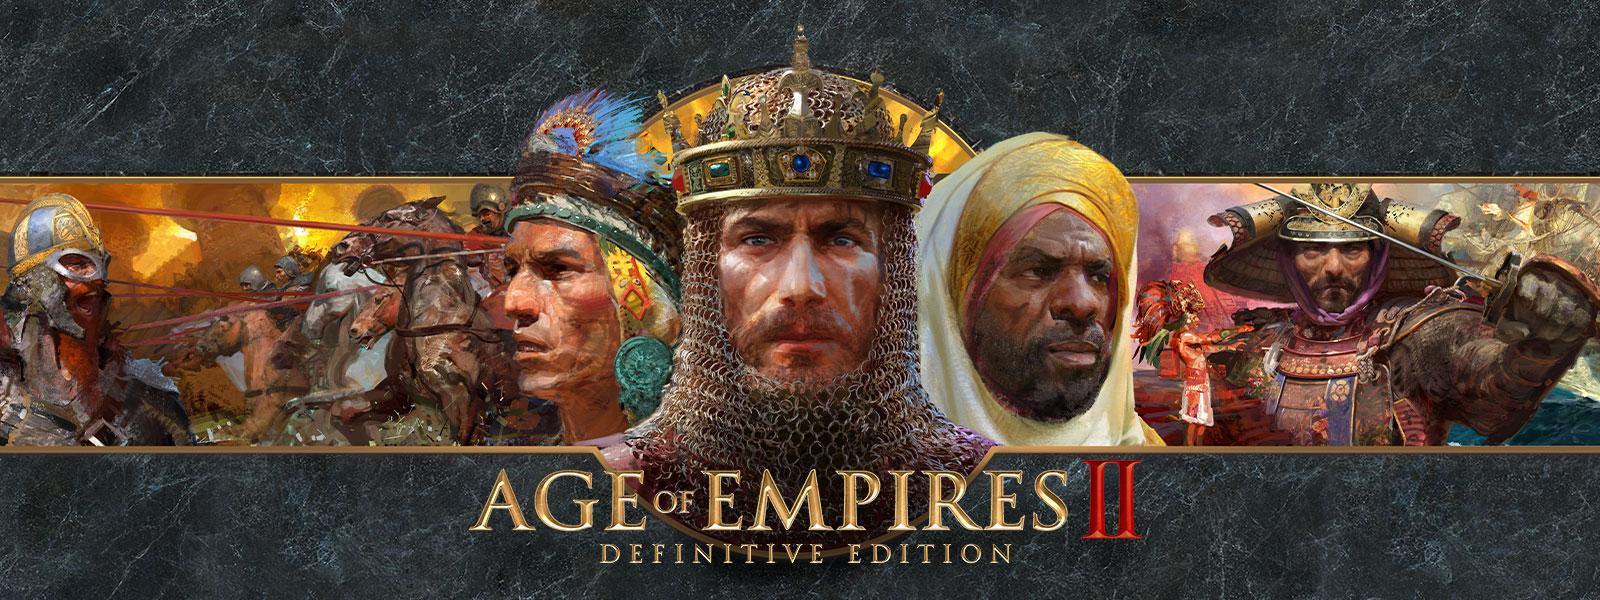 Age of Empires II: Definitive Edition-logo på en grå skifterbaggrund med krigsledere og deres hære